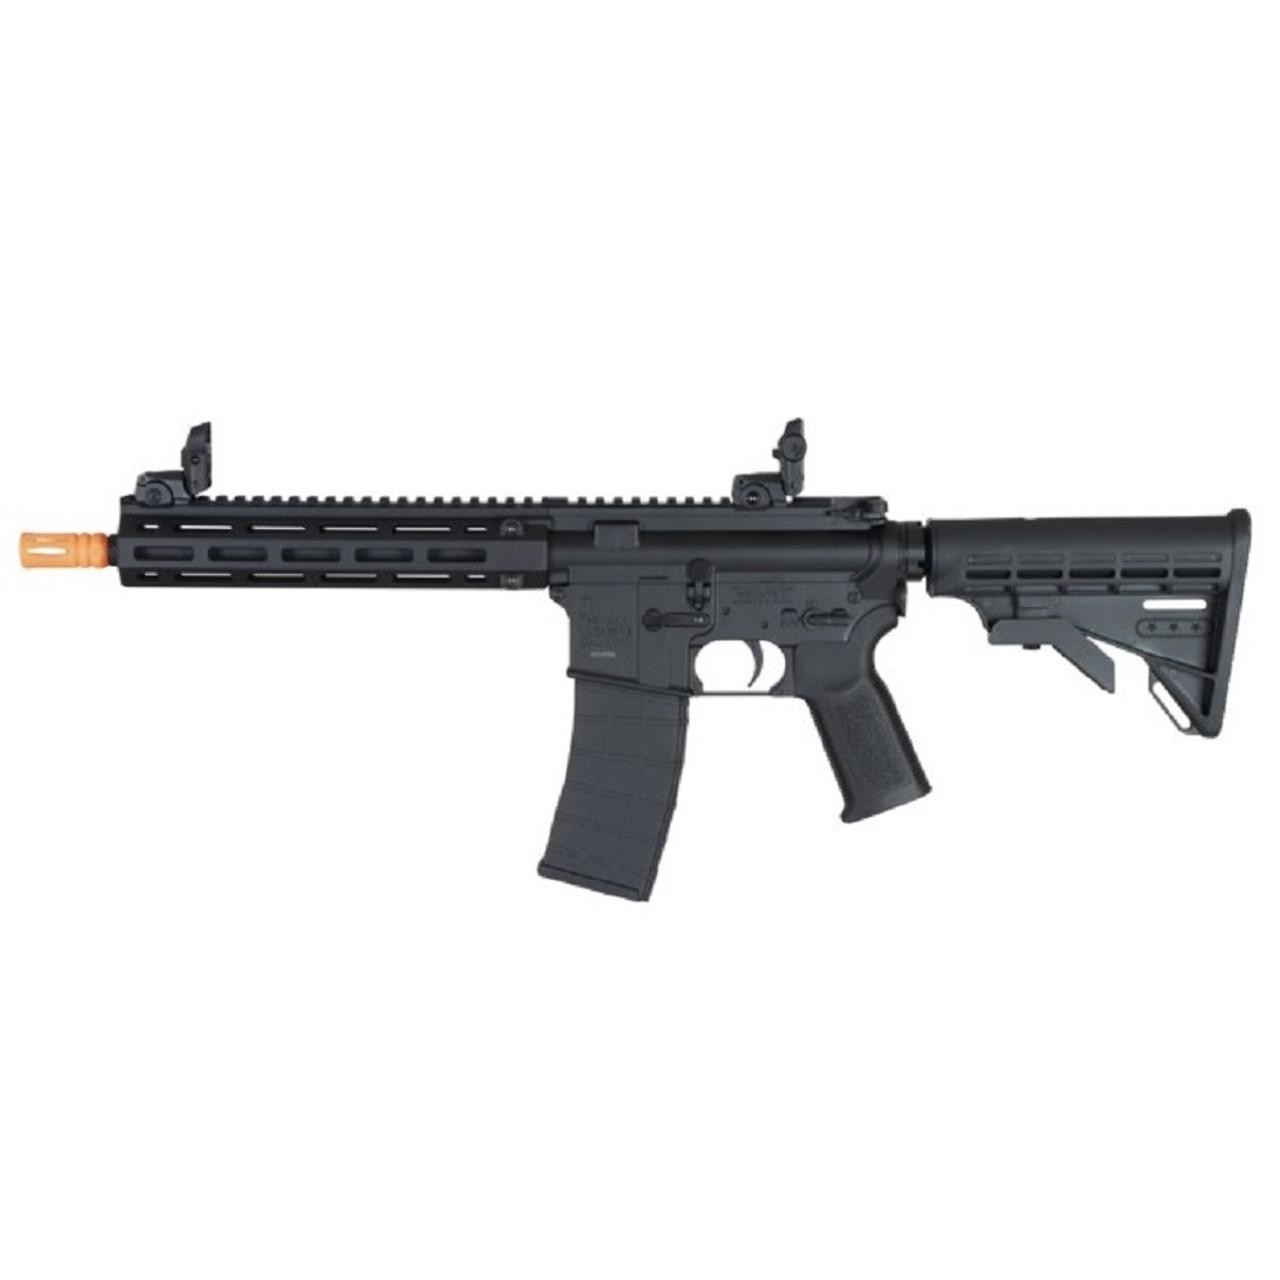 M4 Airsoft Guns